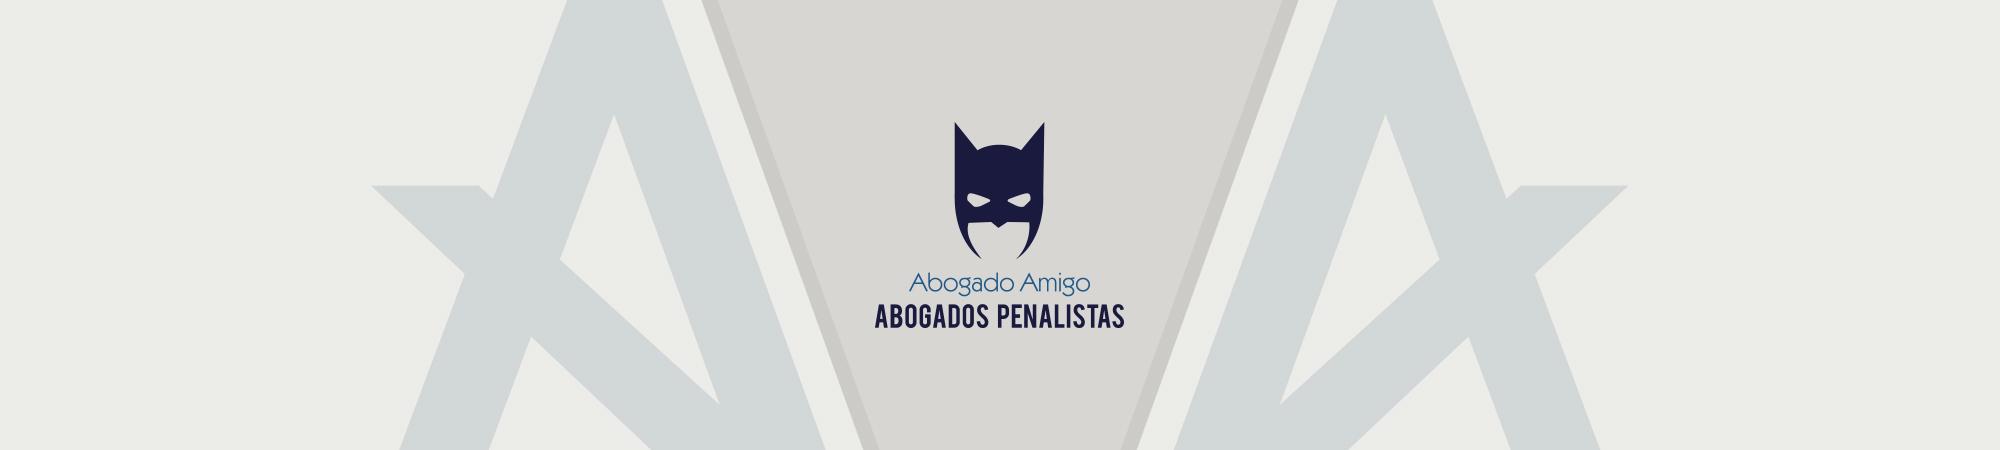 Abogados Penal